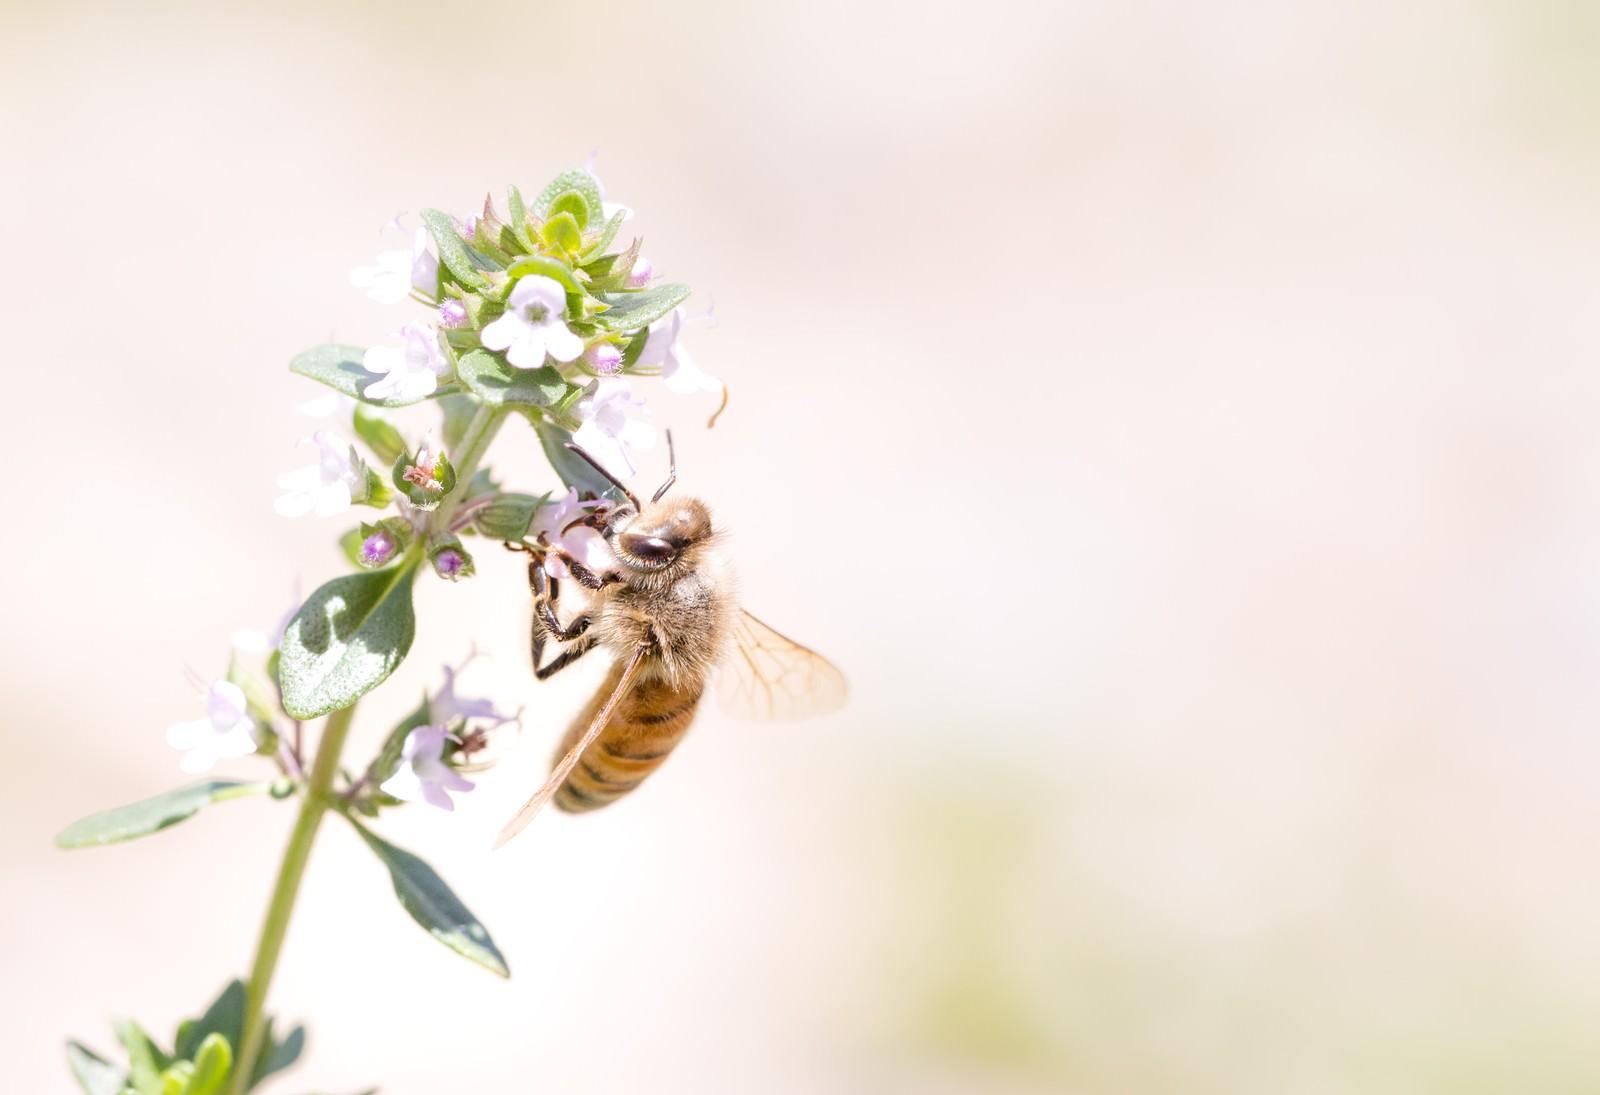 「吸蜜中のミツバチ」の写真